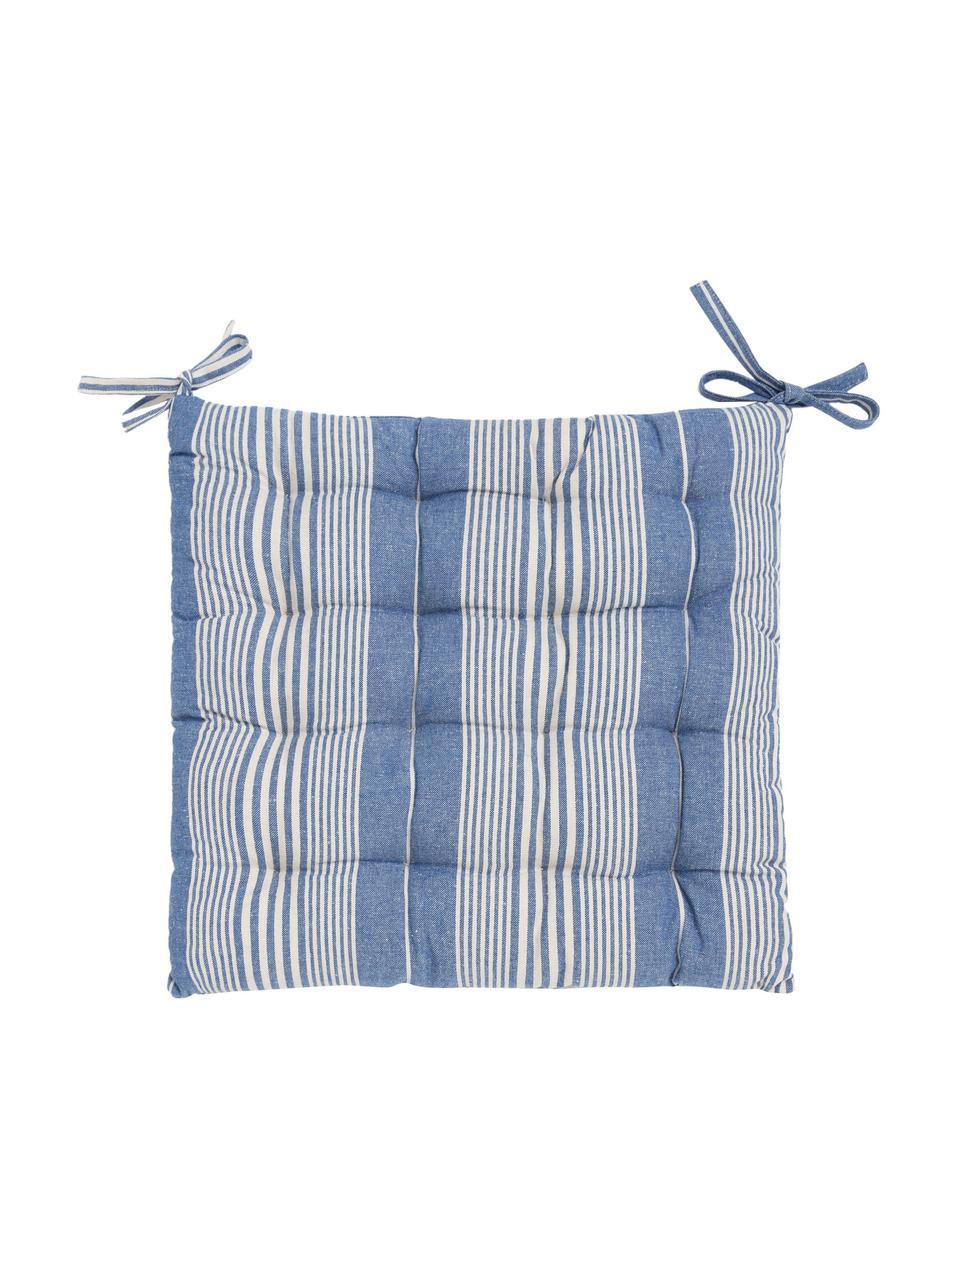 Poduszka na siedzisko z bawełny Tosa, 100% bawełna, Niebieski, biały, S 40 x W 4 cm